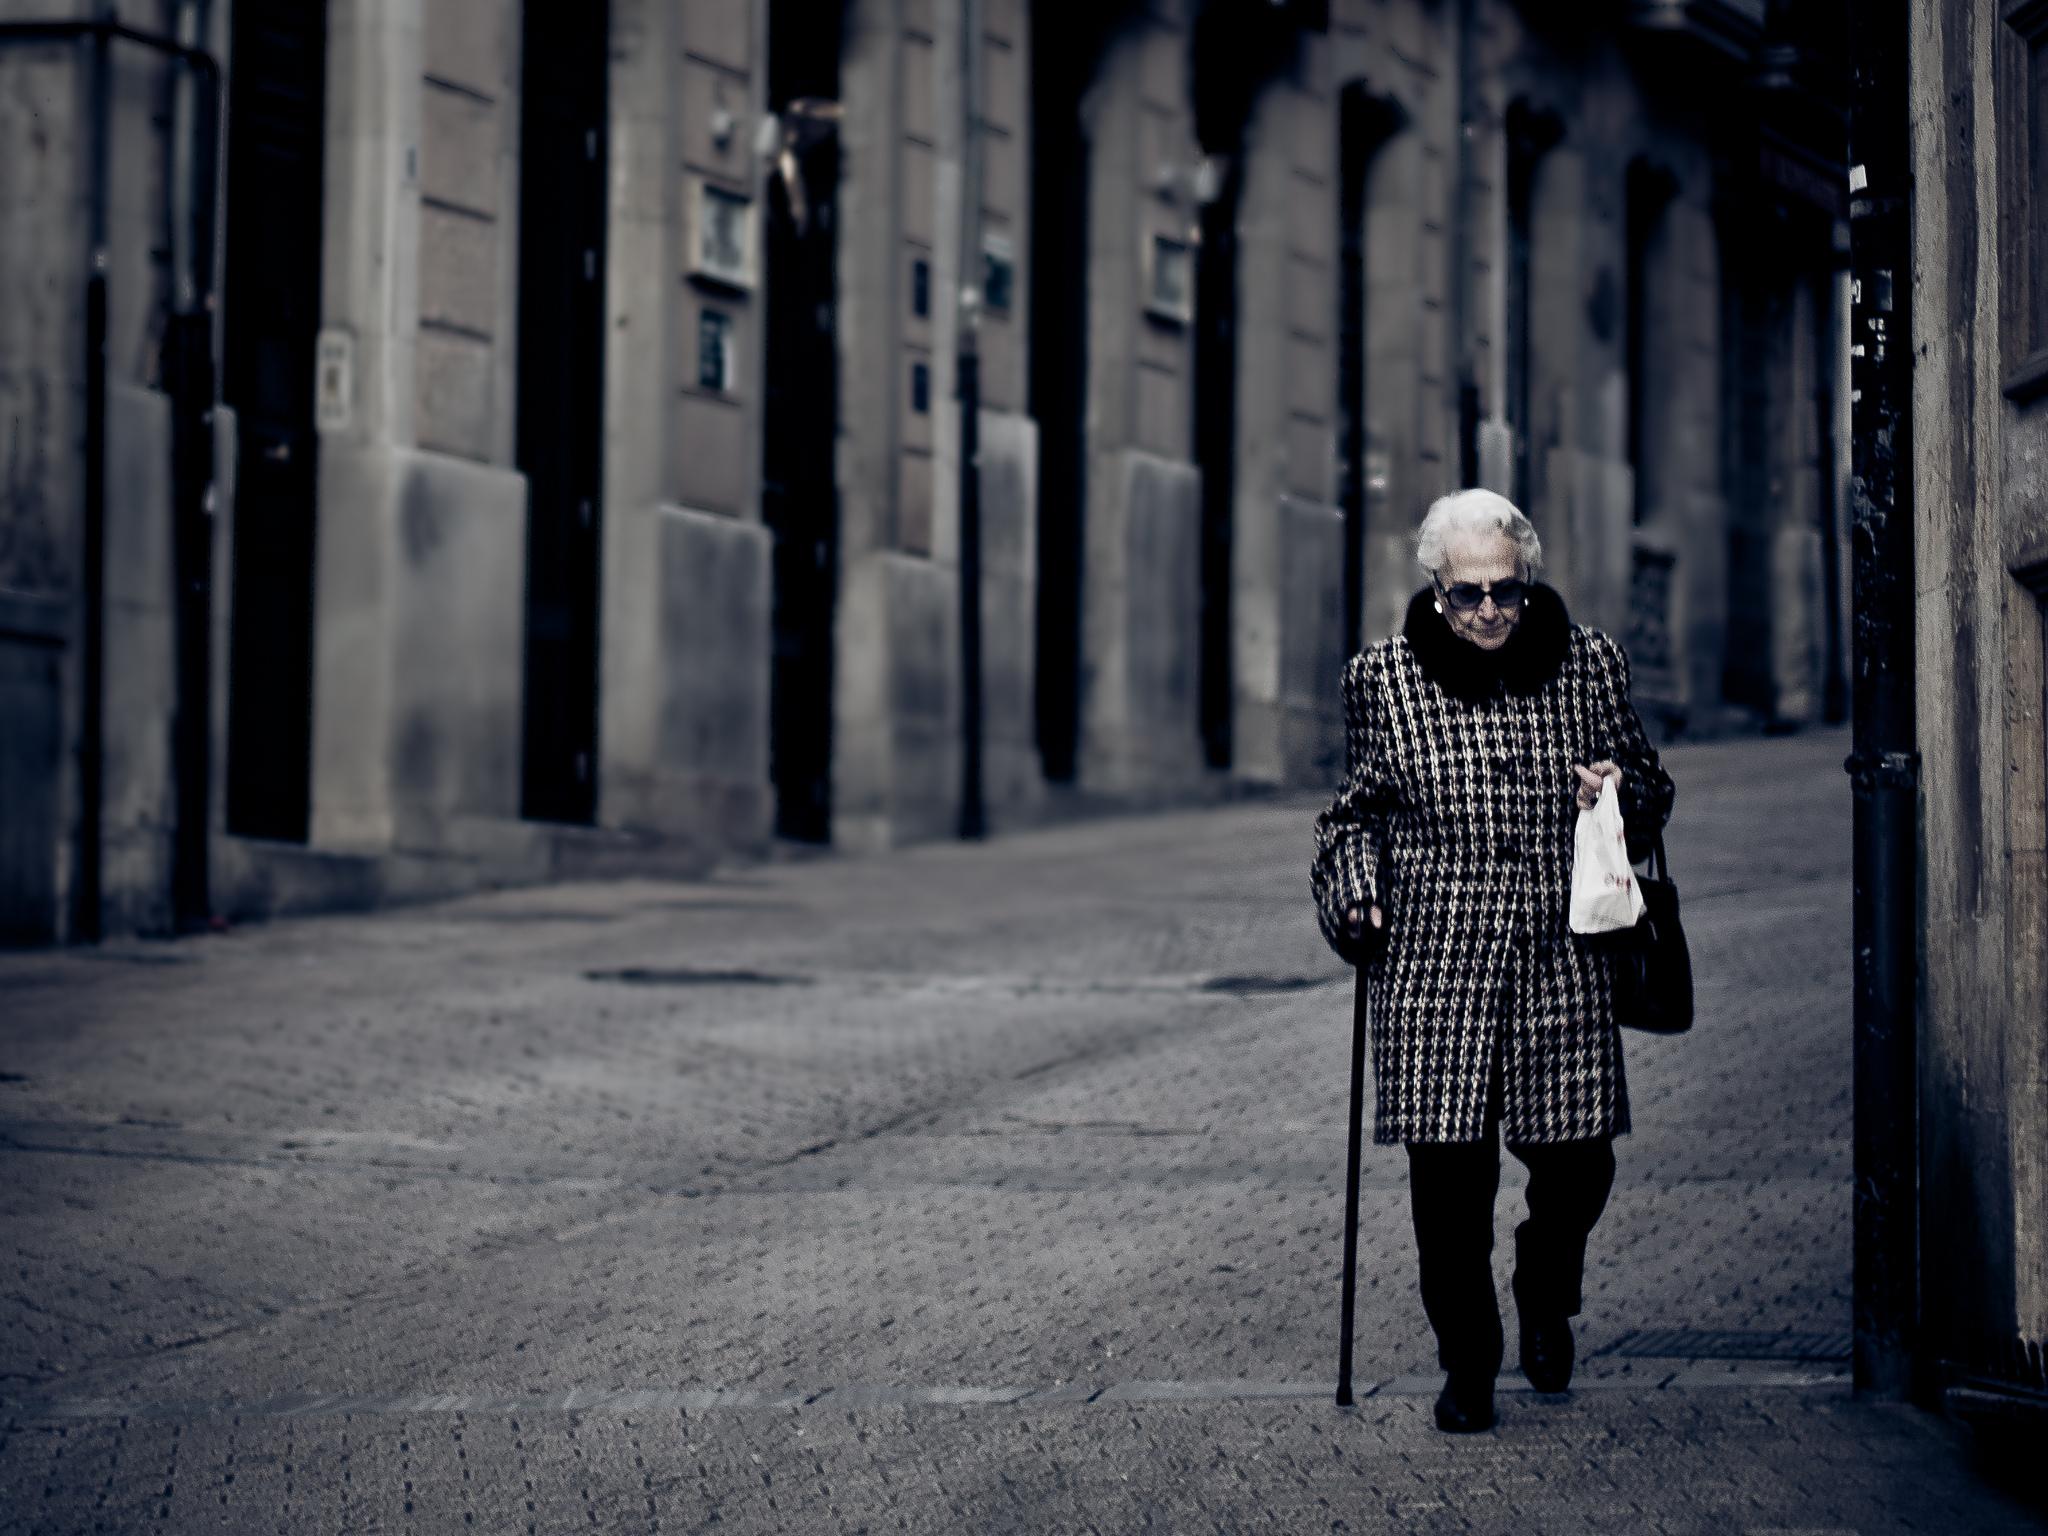 Az Alzheimer-kór margójára – interjú az Alzheimer-kórral való együttélés lelki megpróbáltatásairól egy hozzátartozó szemével